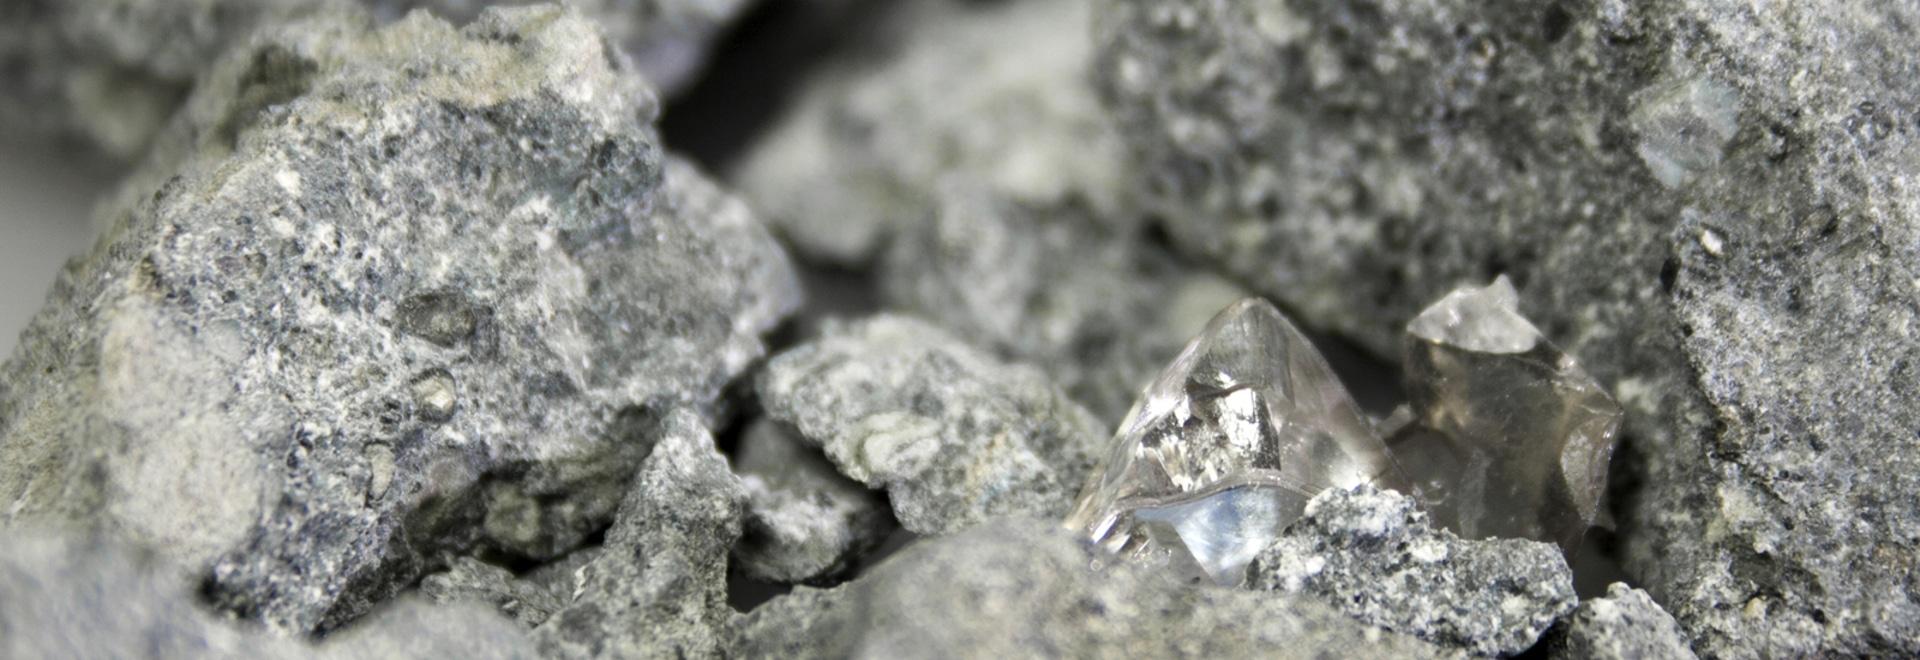 ¿La piedra de la kimberlita transporta los diamantes (de centro derecha) de la tierra? interior de s a la superficie. Ahora una nueva tecnología de la radiografía mantiene la promesa de una extracc...